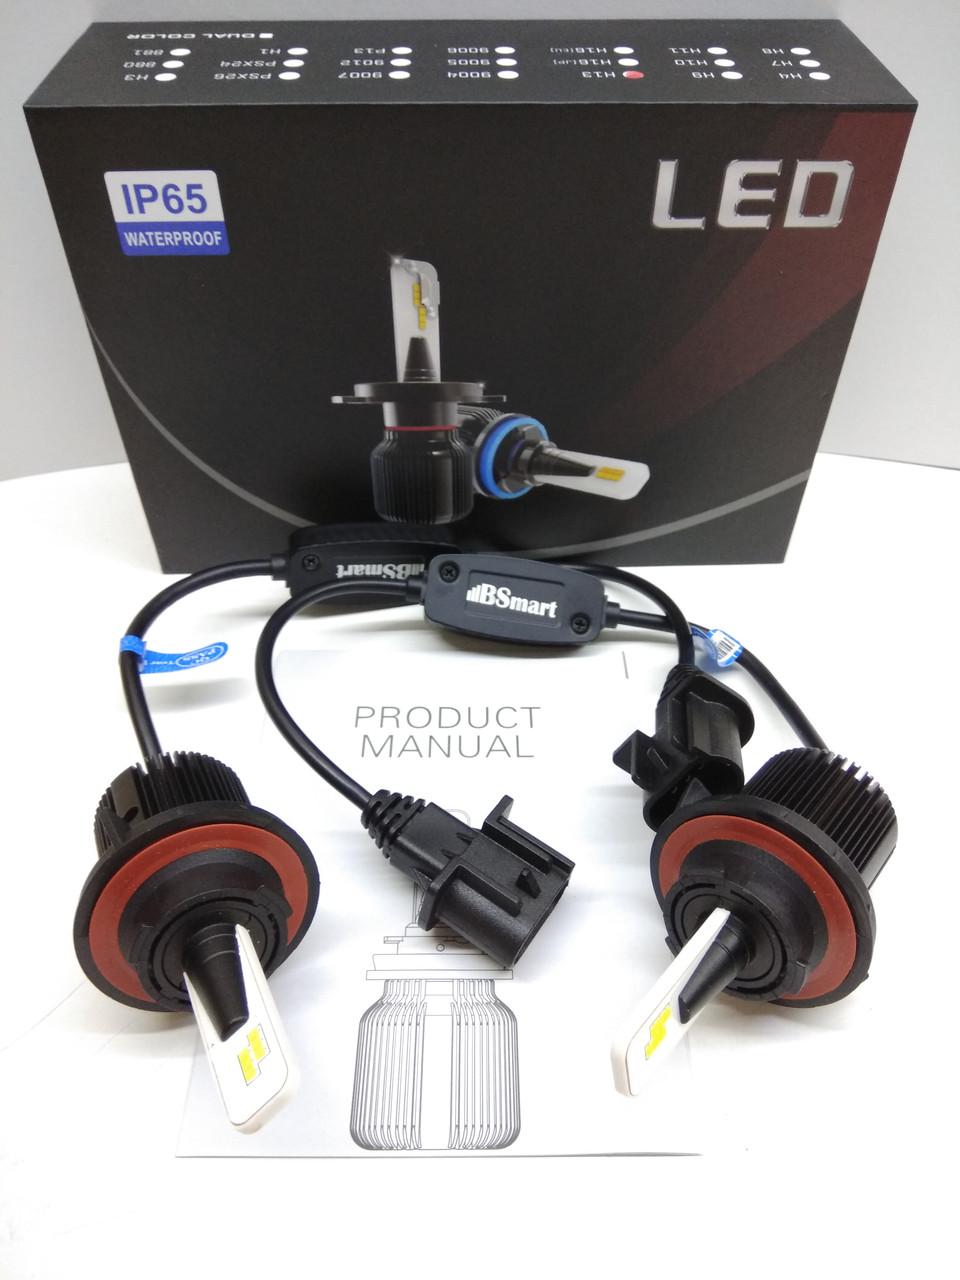 LED светодиодные авто лампы M1 CSP Южная Корея, H13, 8000 Люмен, 40Вт, 9-32В